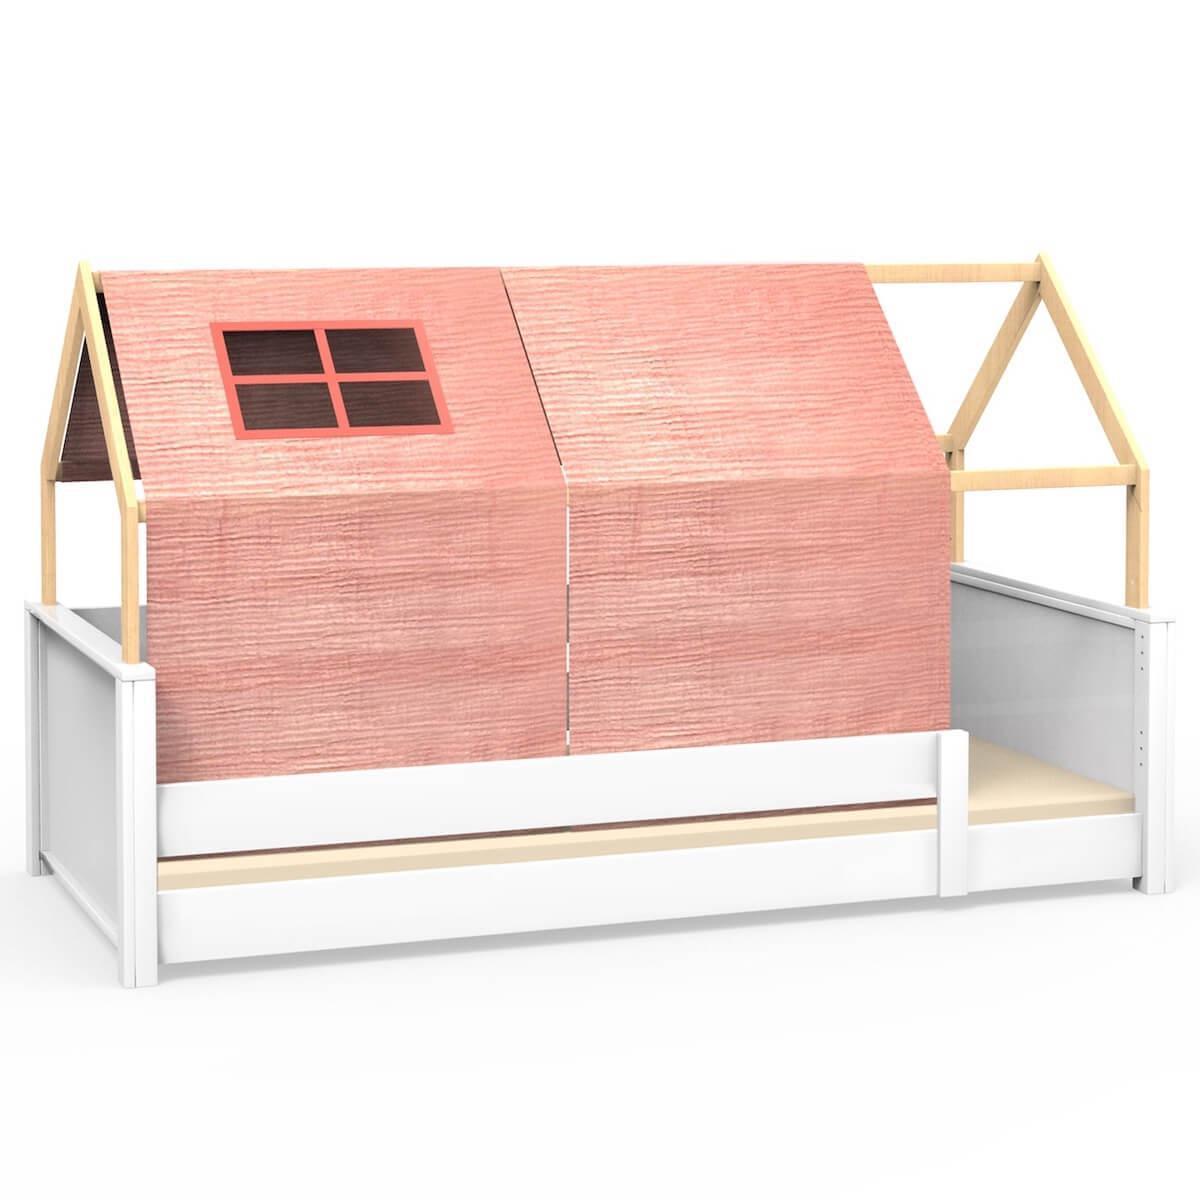 Liege-Dach bodentief-Fallschutz niedrig KASVA mit Textilien Bobble pink